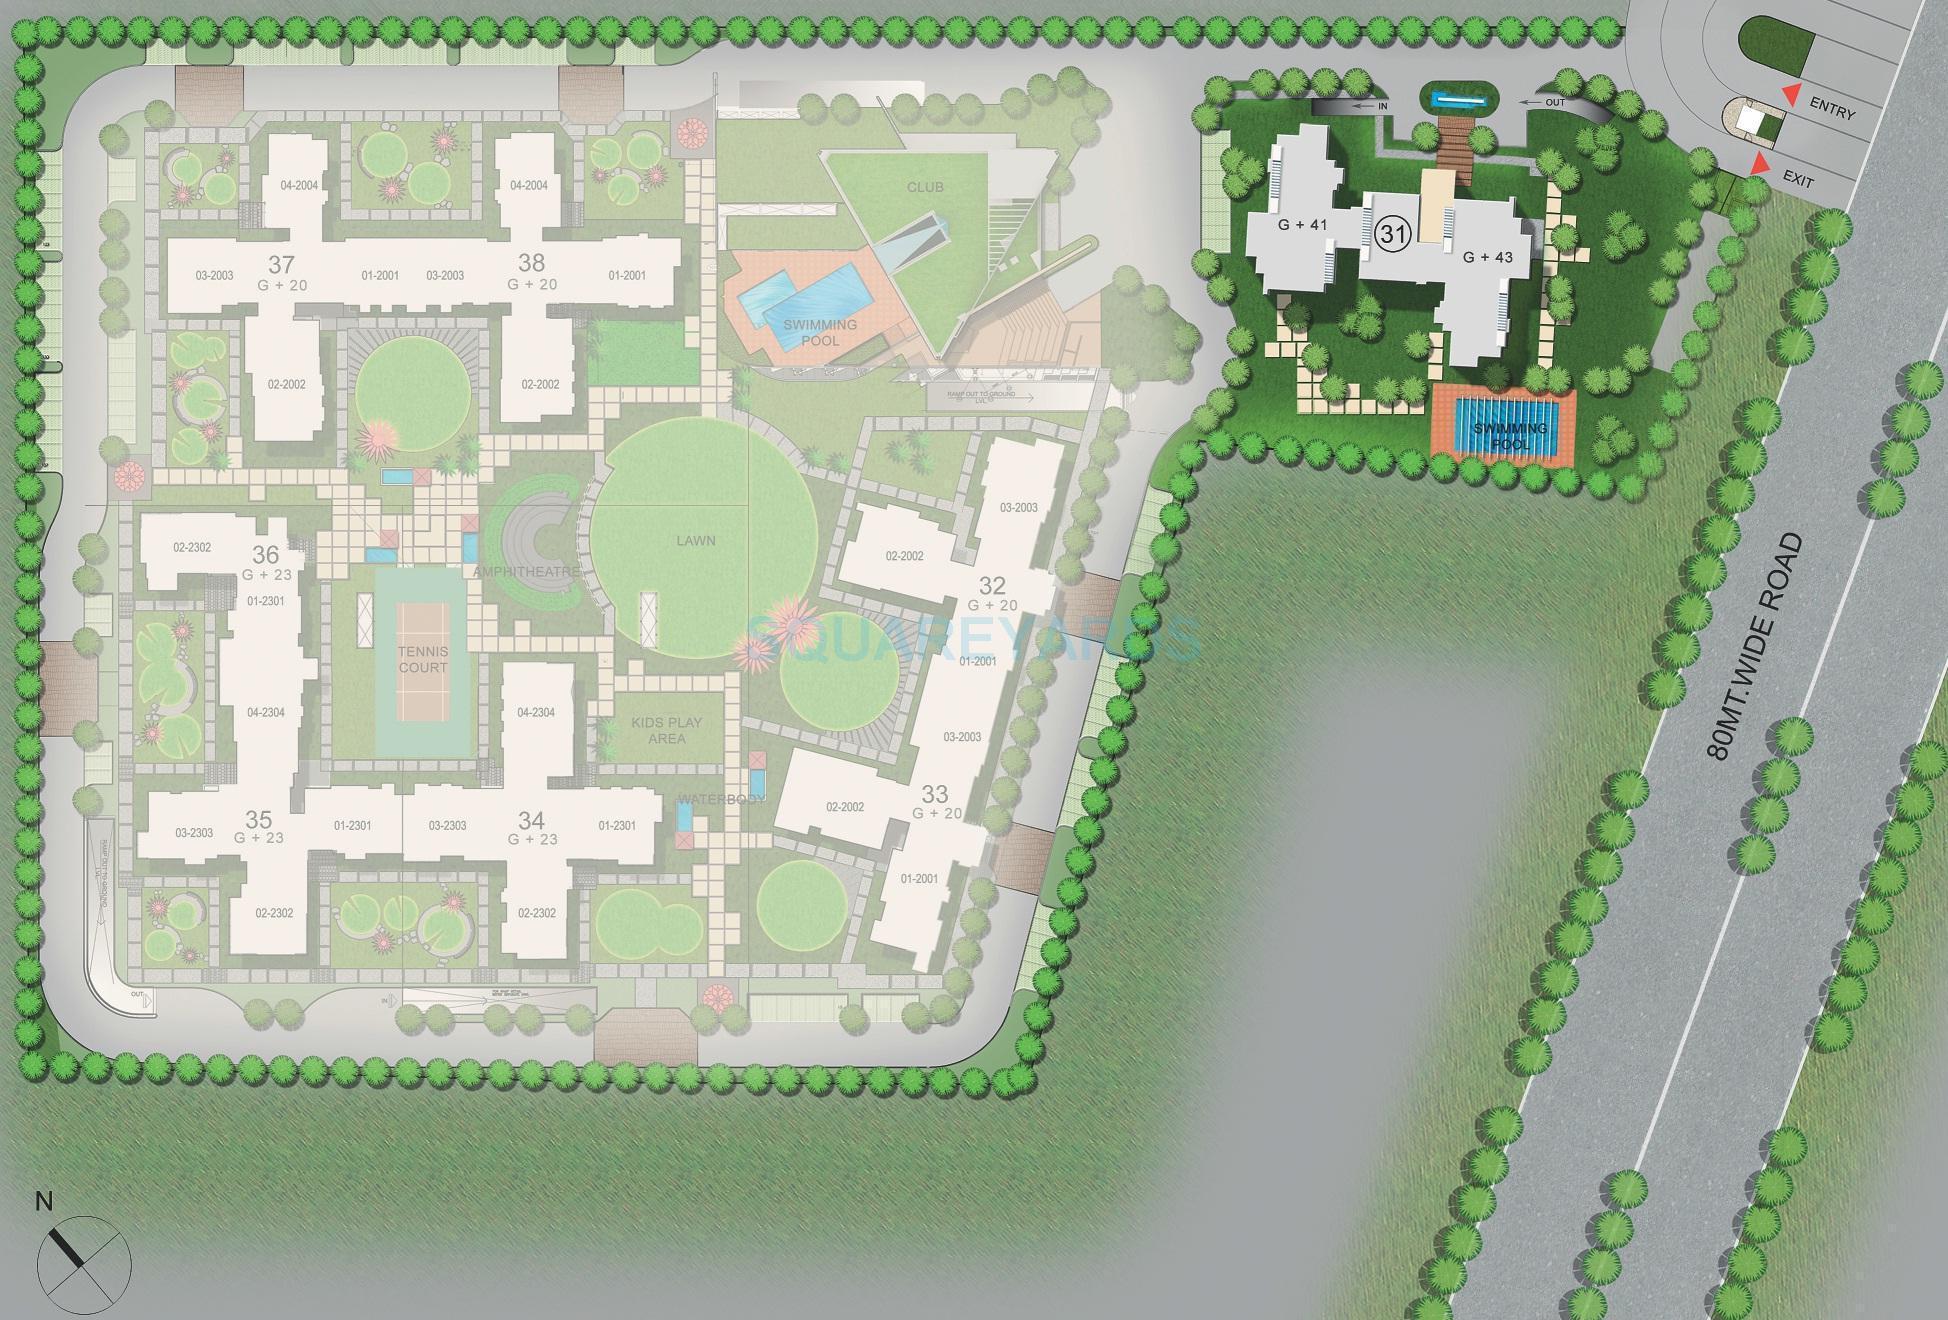 3c lotus peak master plan image1